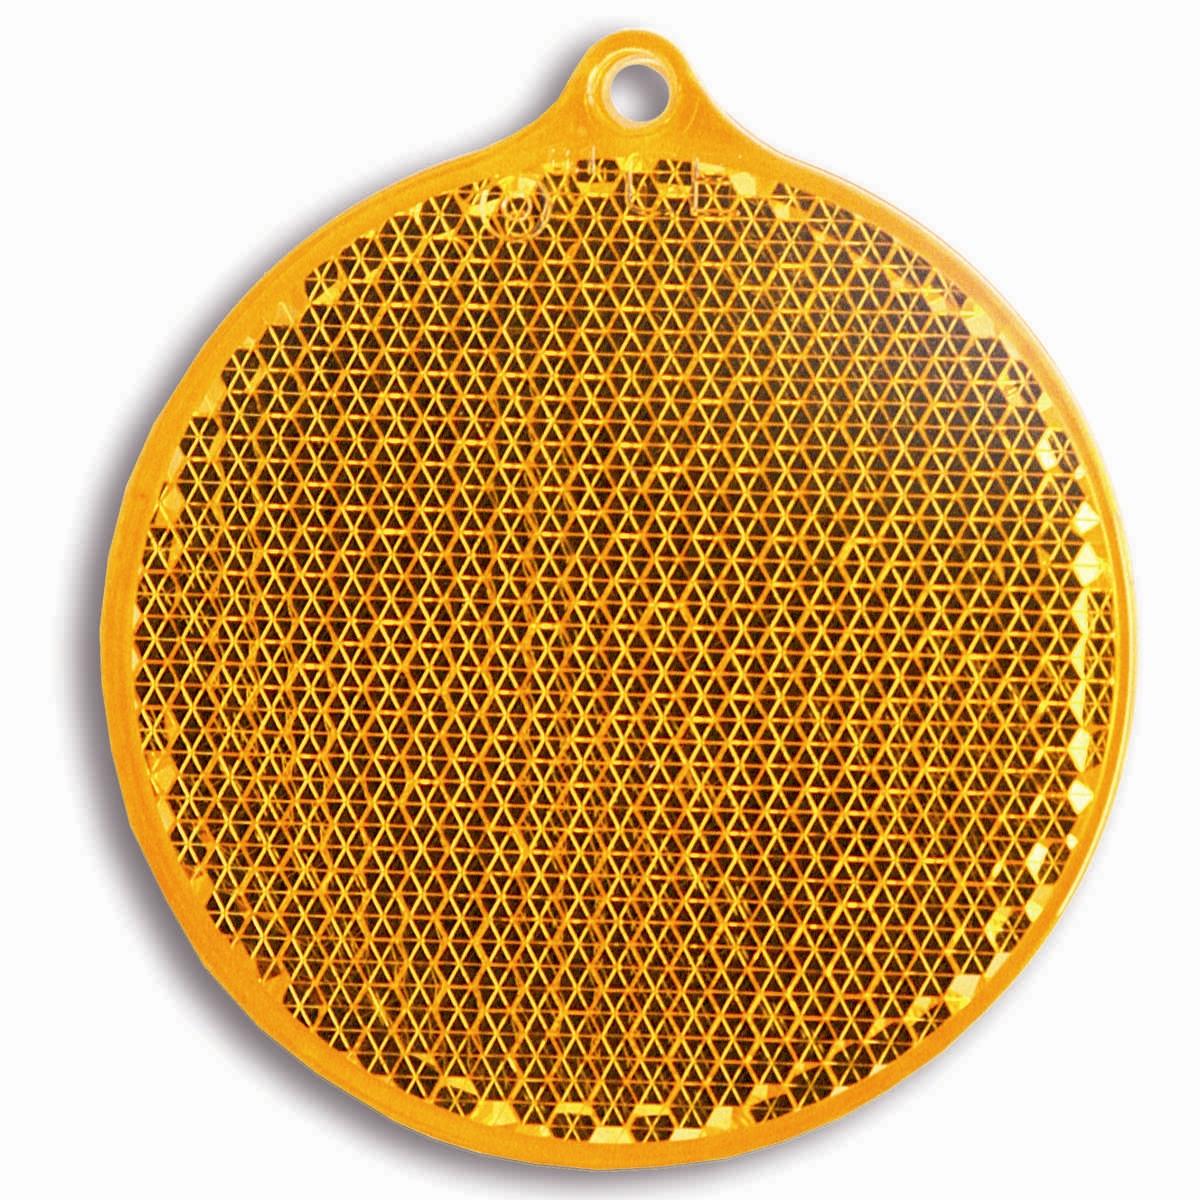 Светоотражатель пешеходный Coreflect Круг, цвет: оранжевый118690Пешеходный светоотражатель — это серьезное средство безопасности на дороге. Использование светоотражателей позволяет в десятки раз сократить количество ДТП с участием пешеходов в темное время суток. Светоотражатель крепится на одежду и обладает способностью к направленному отражению светового потока. Благодаря такому отражению, водитель может вовремя заметить пешехода в темноте, даже если он стоит или двигается по обочине. А значит, он успеет среагировать и избежит возможного столкновения. С 1 июля 2015 года ношение светоотражателей вне населенных пунктов является обязательным для пешеходов! Мы рекомендуем носить их и в городе! Для безопасности и сохранения жизни!